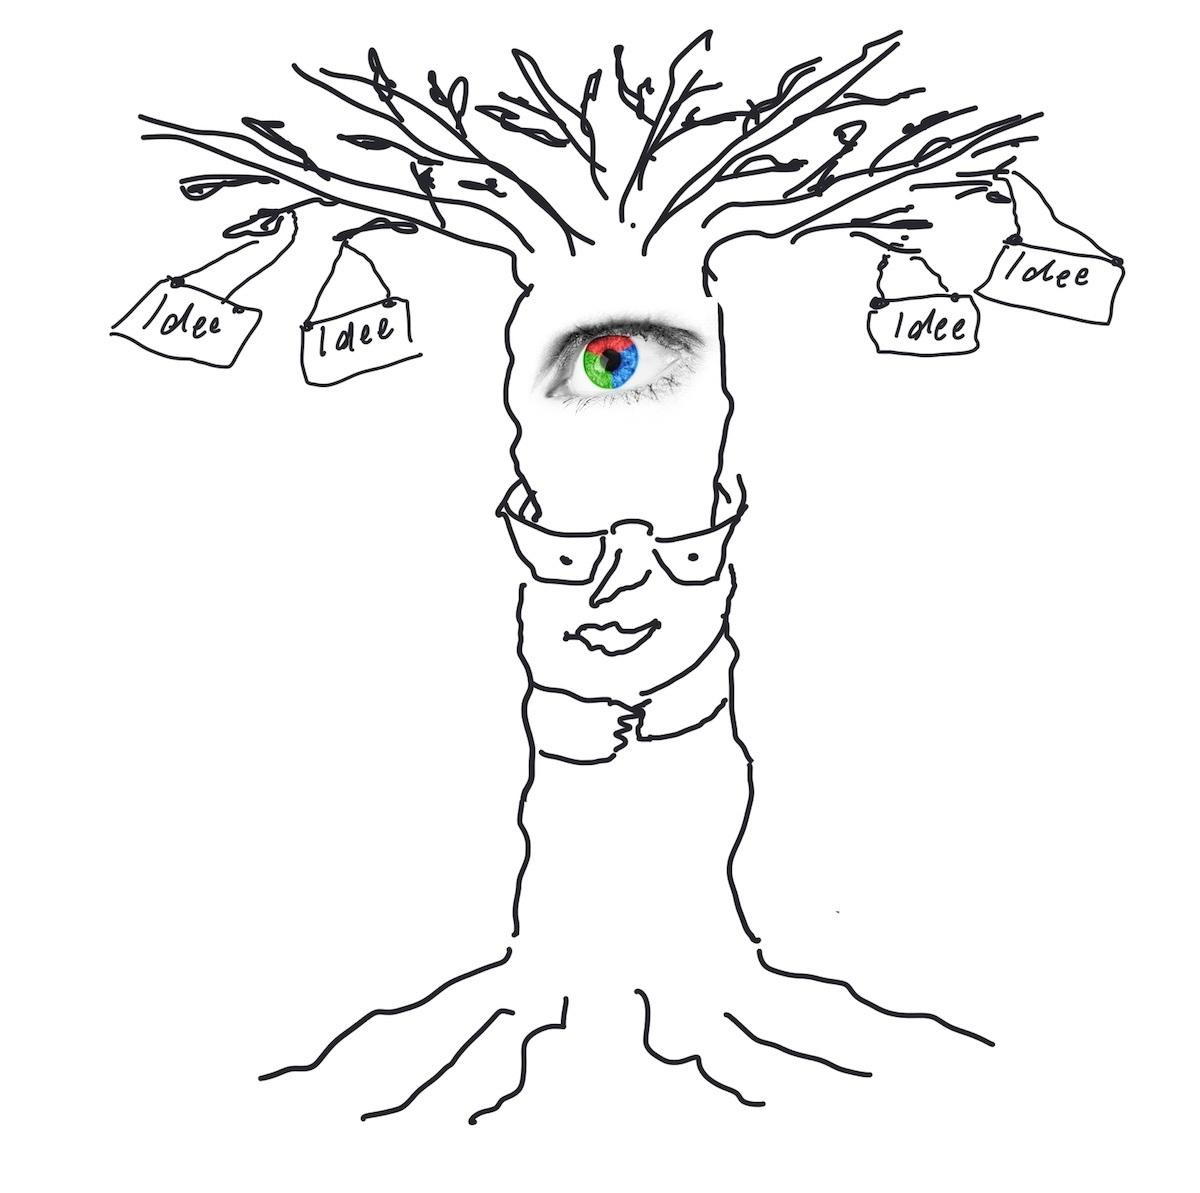 Zeichnung: Baum als Metapher für neue Ideen